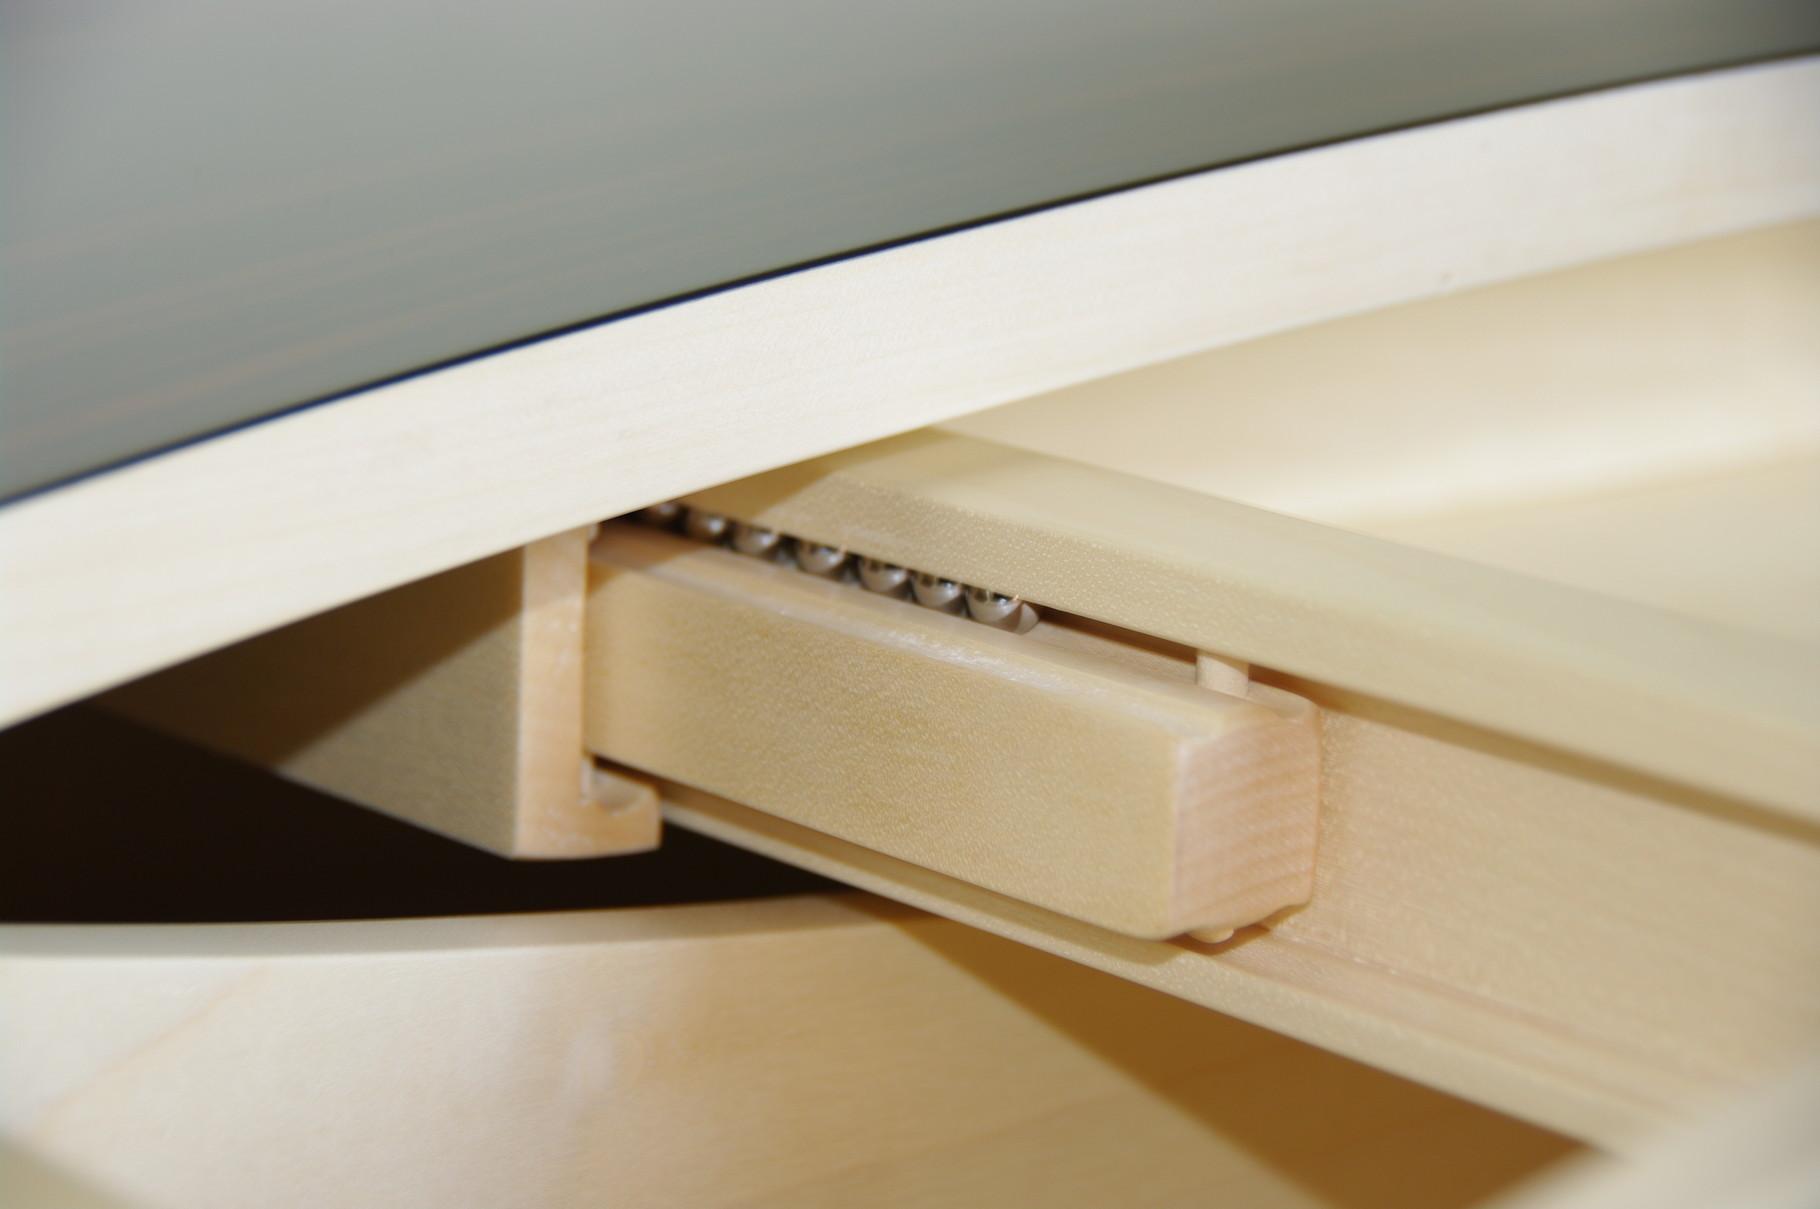 HoWeCa - Aussergewöhnlicher Möbelbau, Secret Furniture